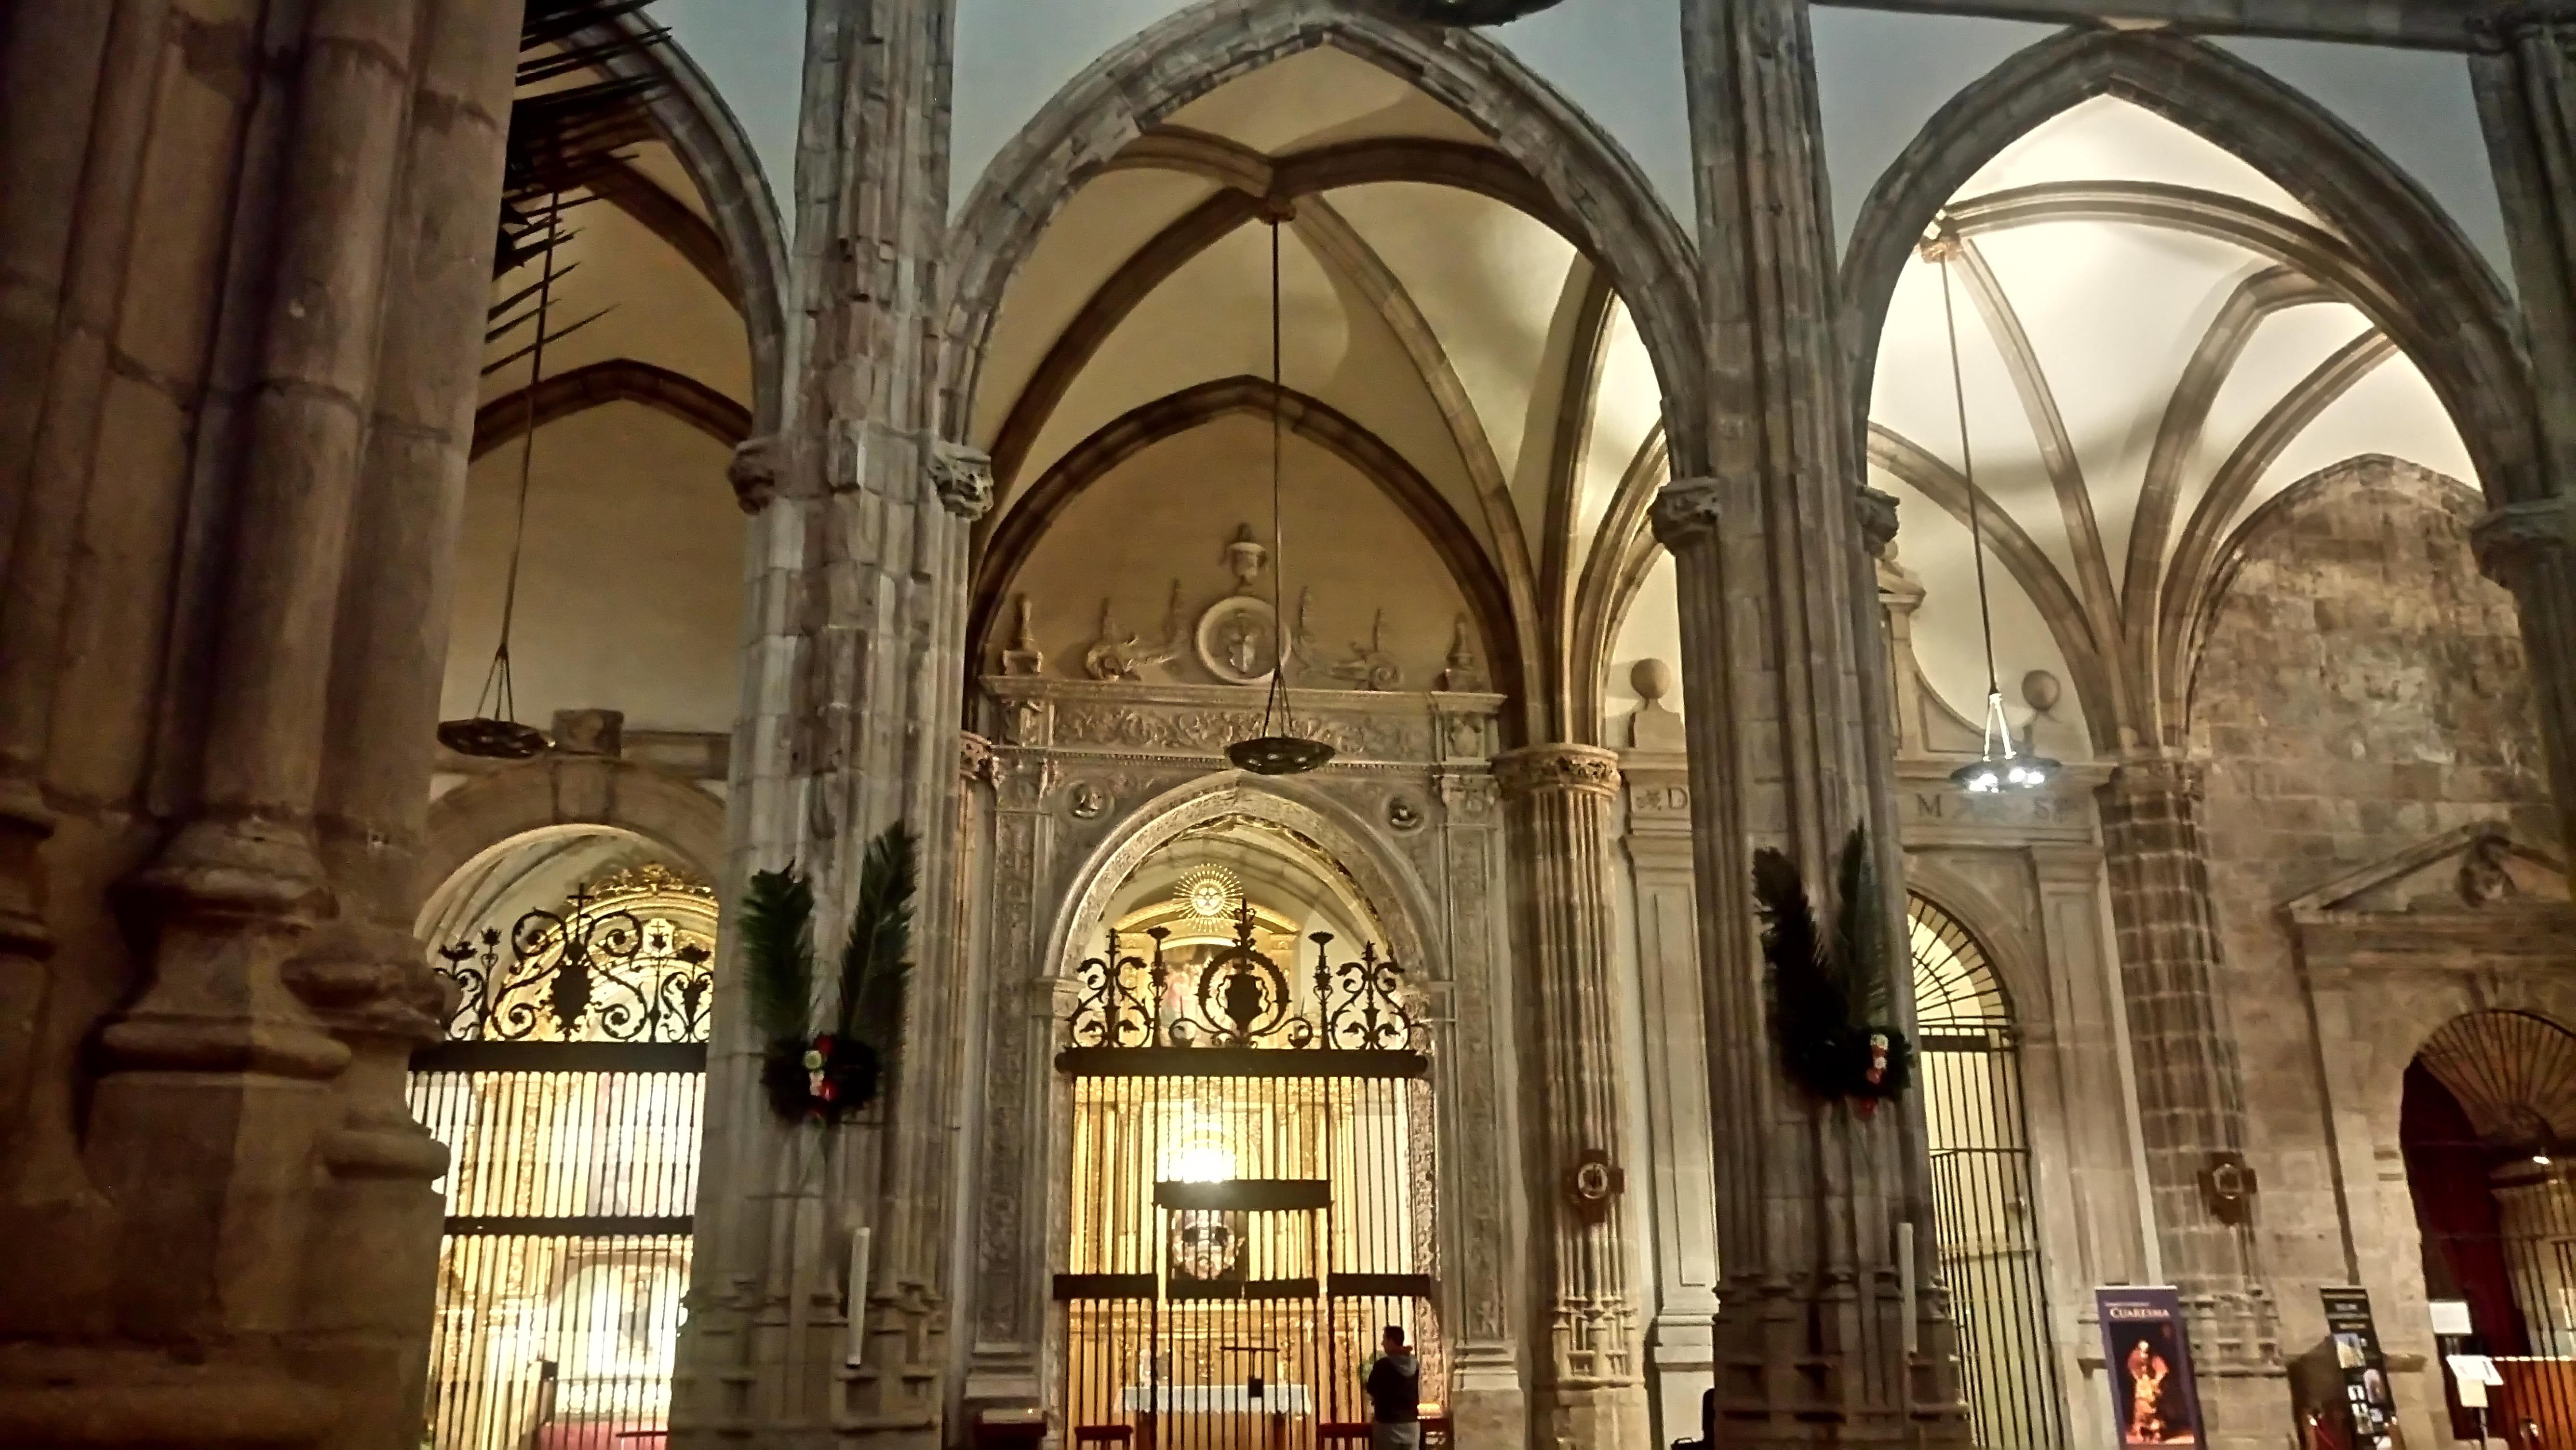 Un detalle curioso en la Catedral Magistral